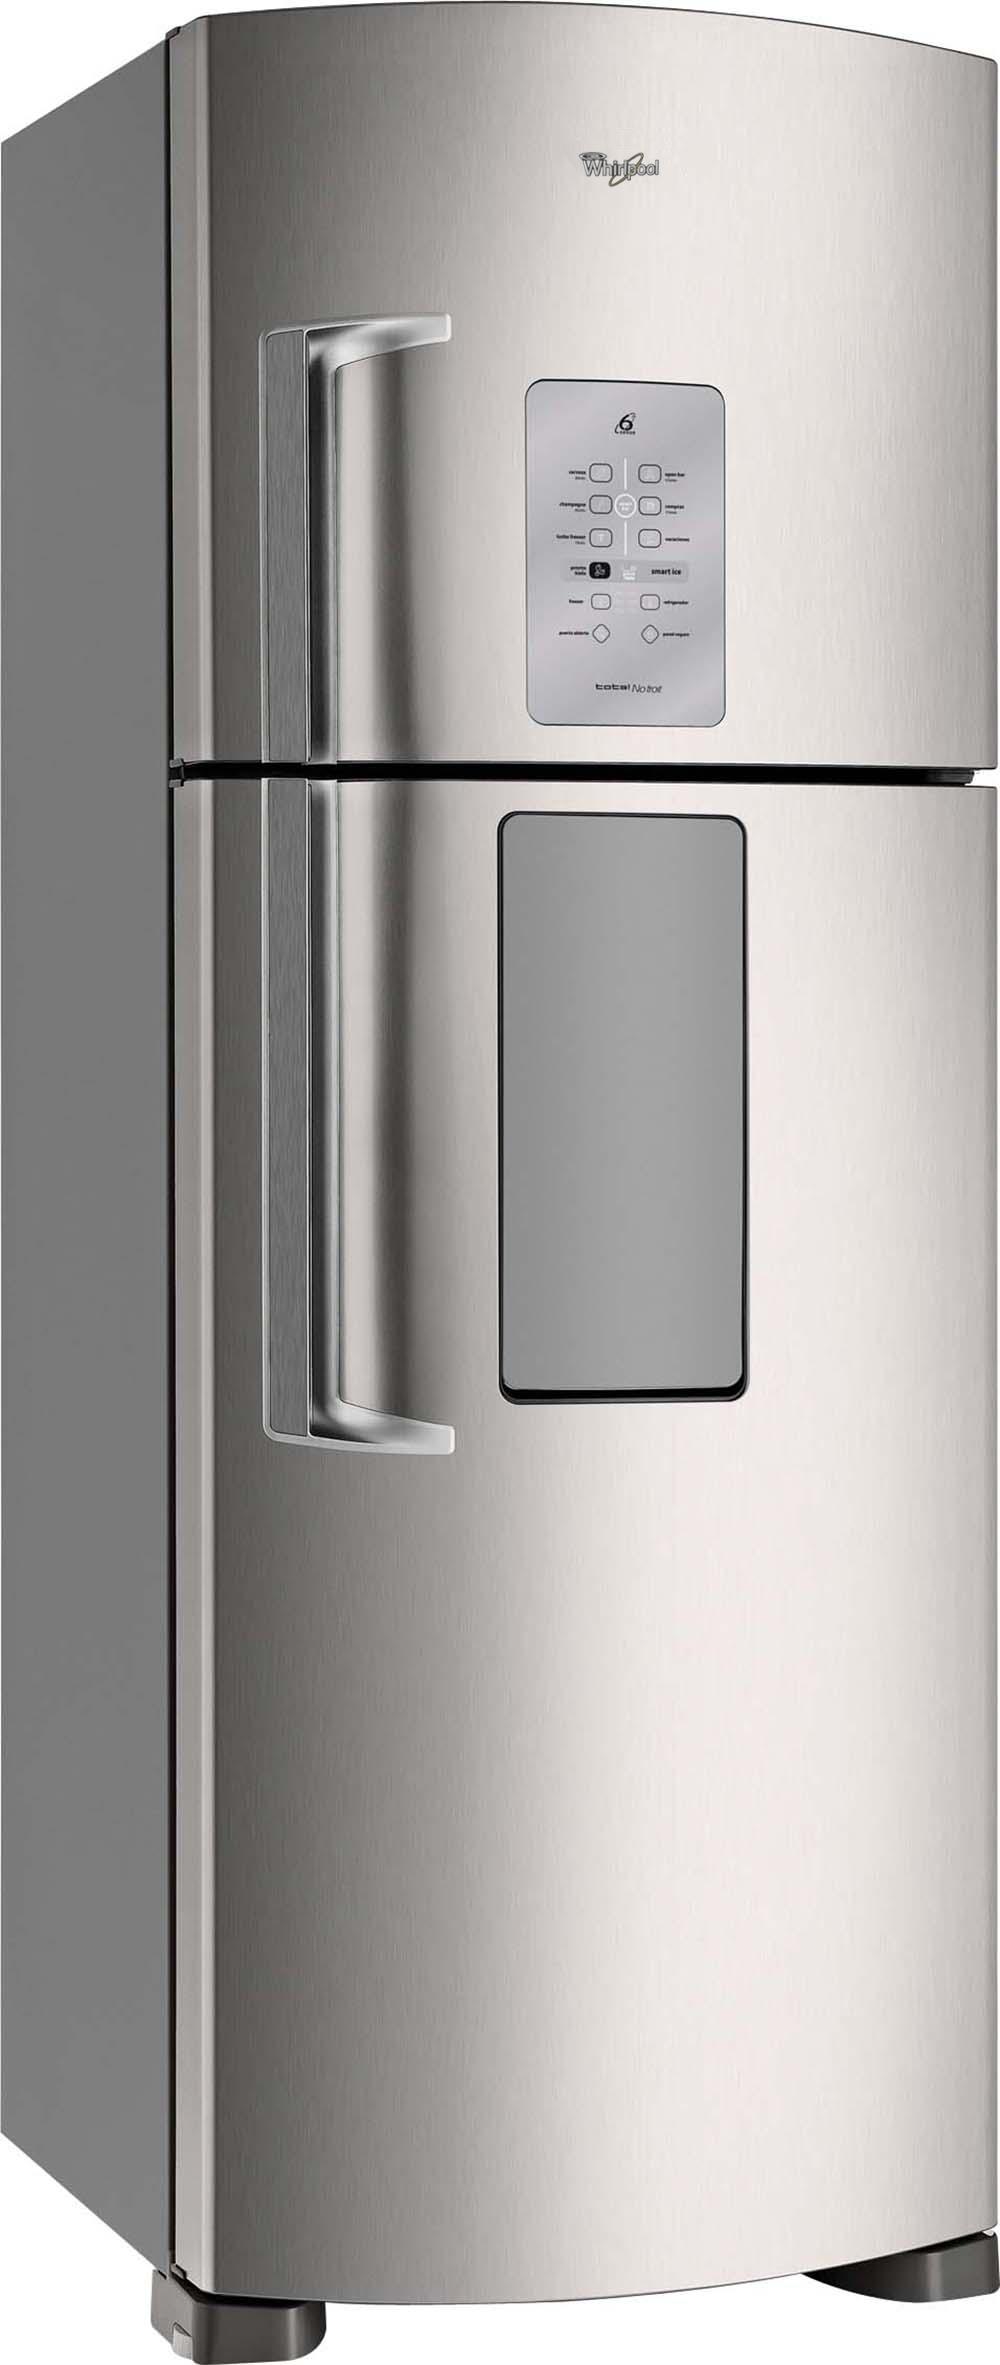 Refrigerador No Frost – 429 Lts.